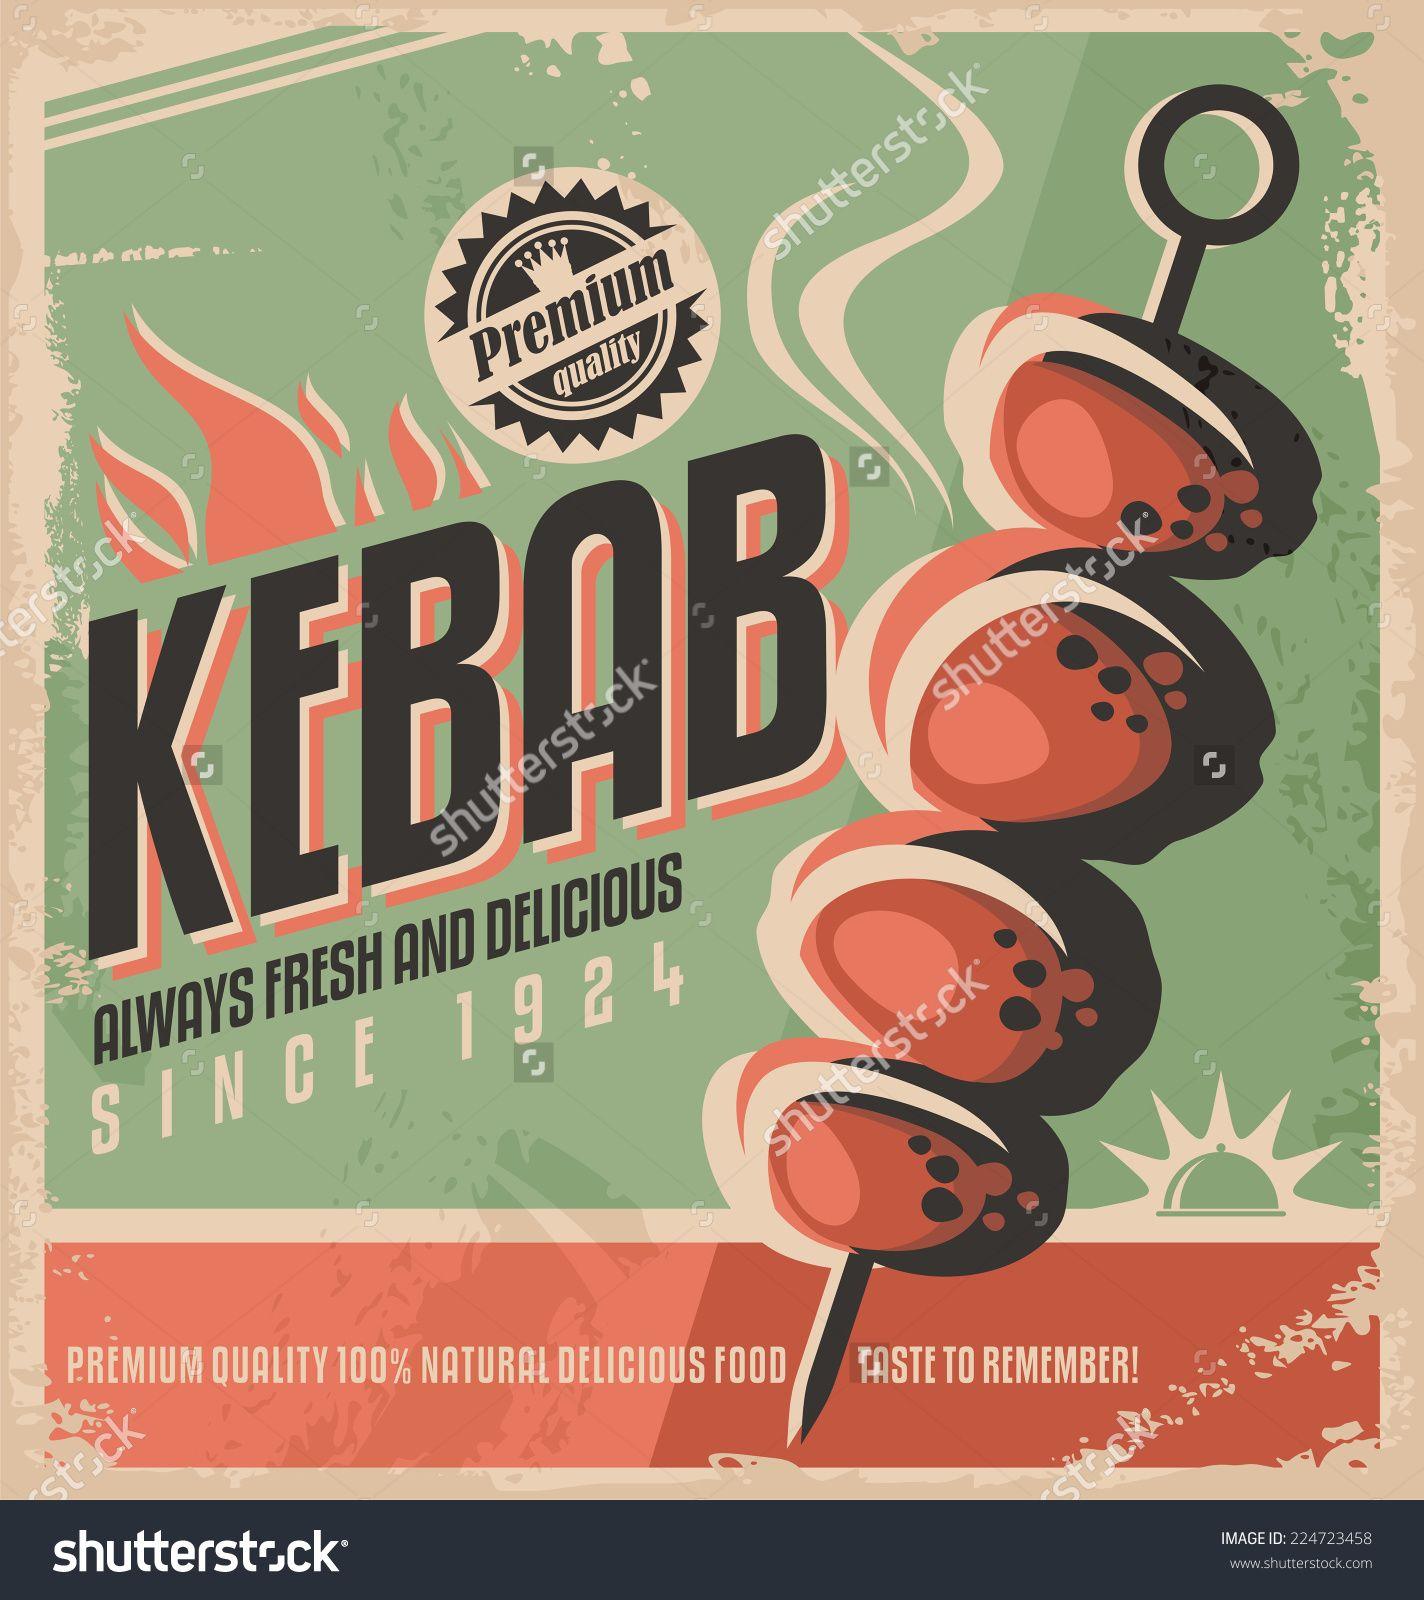 D d poster design - Kebab Retro Poster Design Concept Promotional Ad Design For